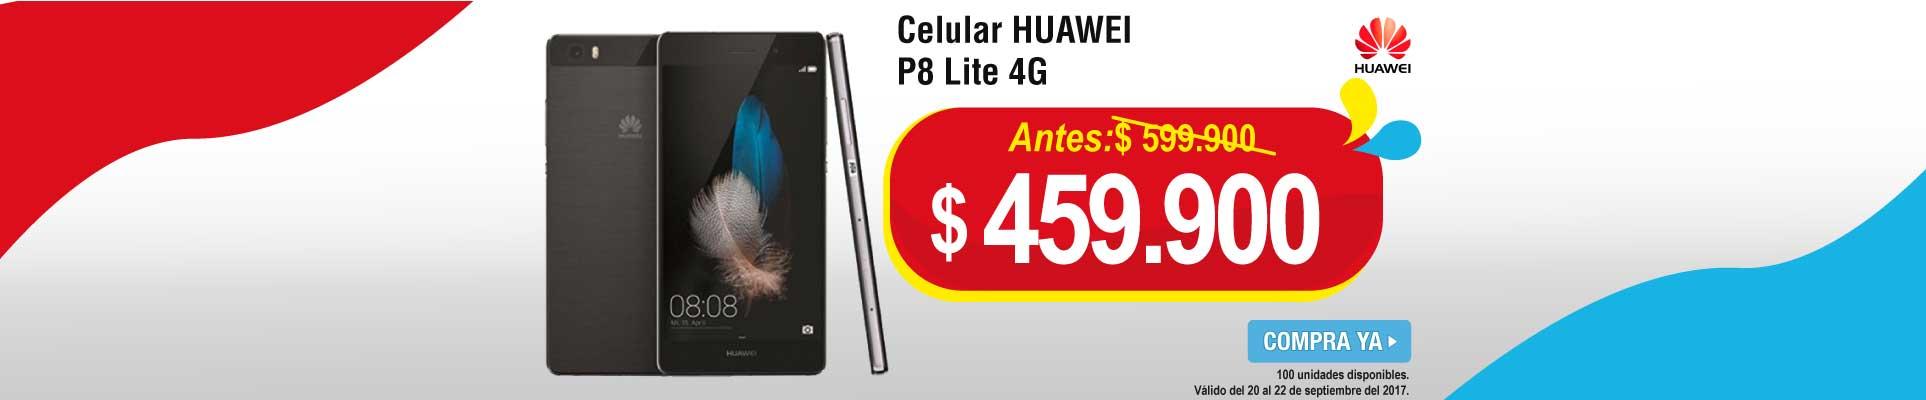 PPAL ALKP-5-celulares-Celular HUAWEI P8 Lite -prod-septiembre20-22